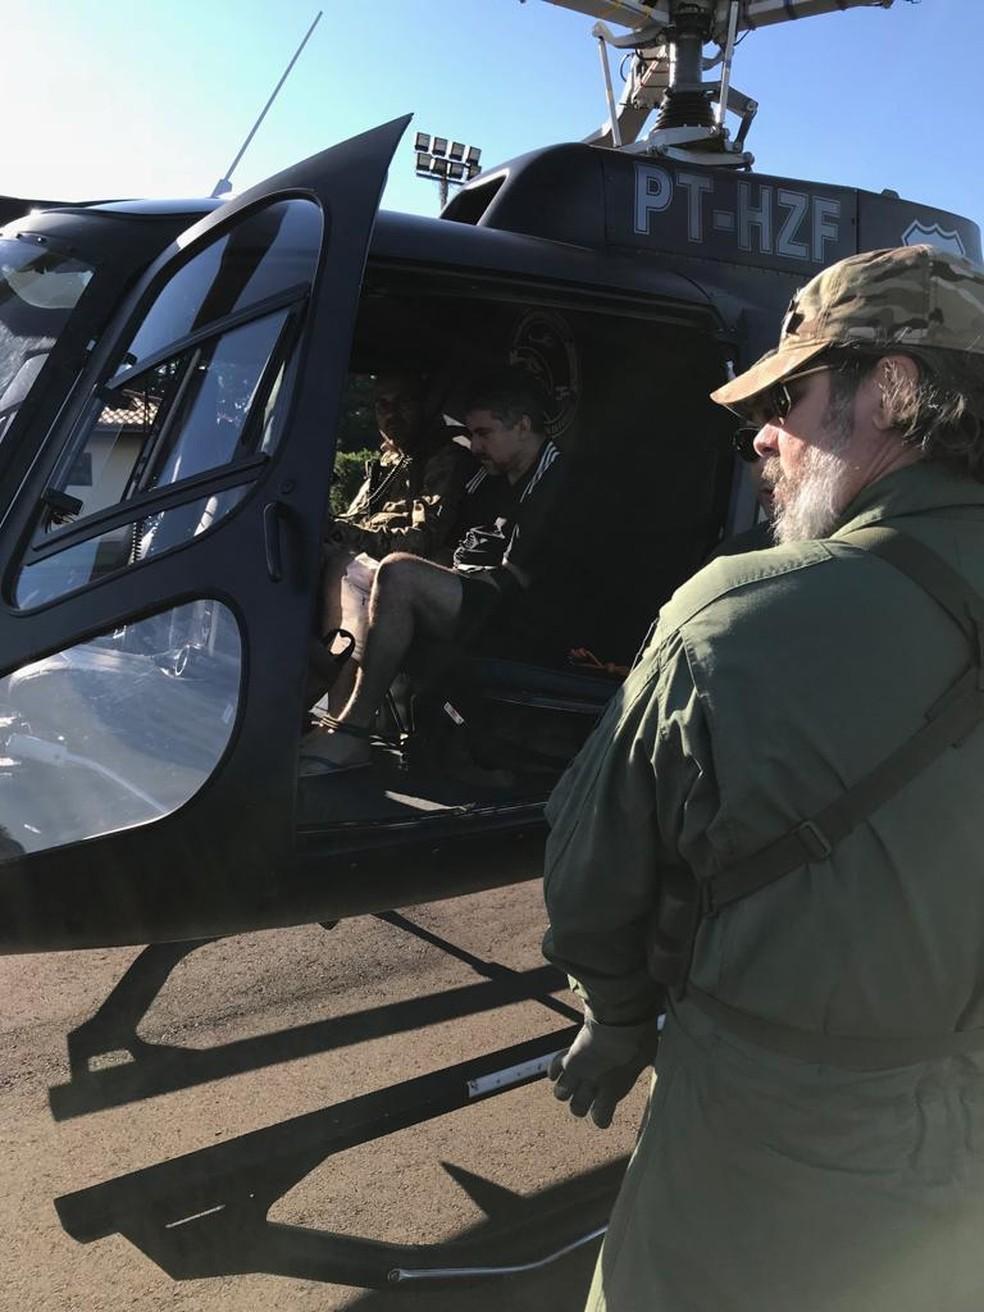 Expulsão do Piloto começou por volta das 5h e ele foi entregue por volta das 7h em território brasileiro — Foto: Ministério Público paraguaio/Divulgação